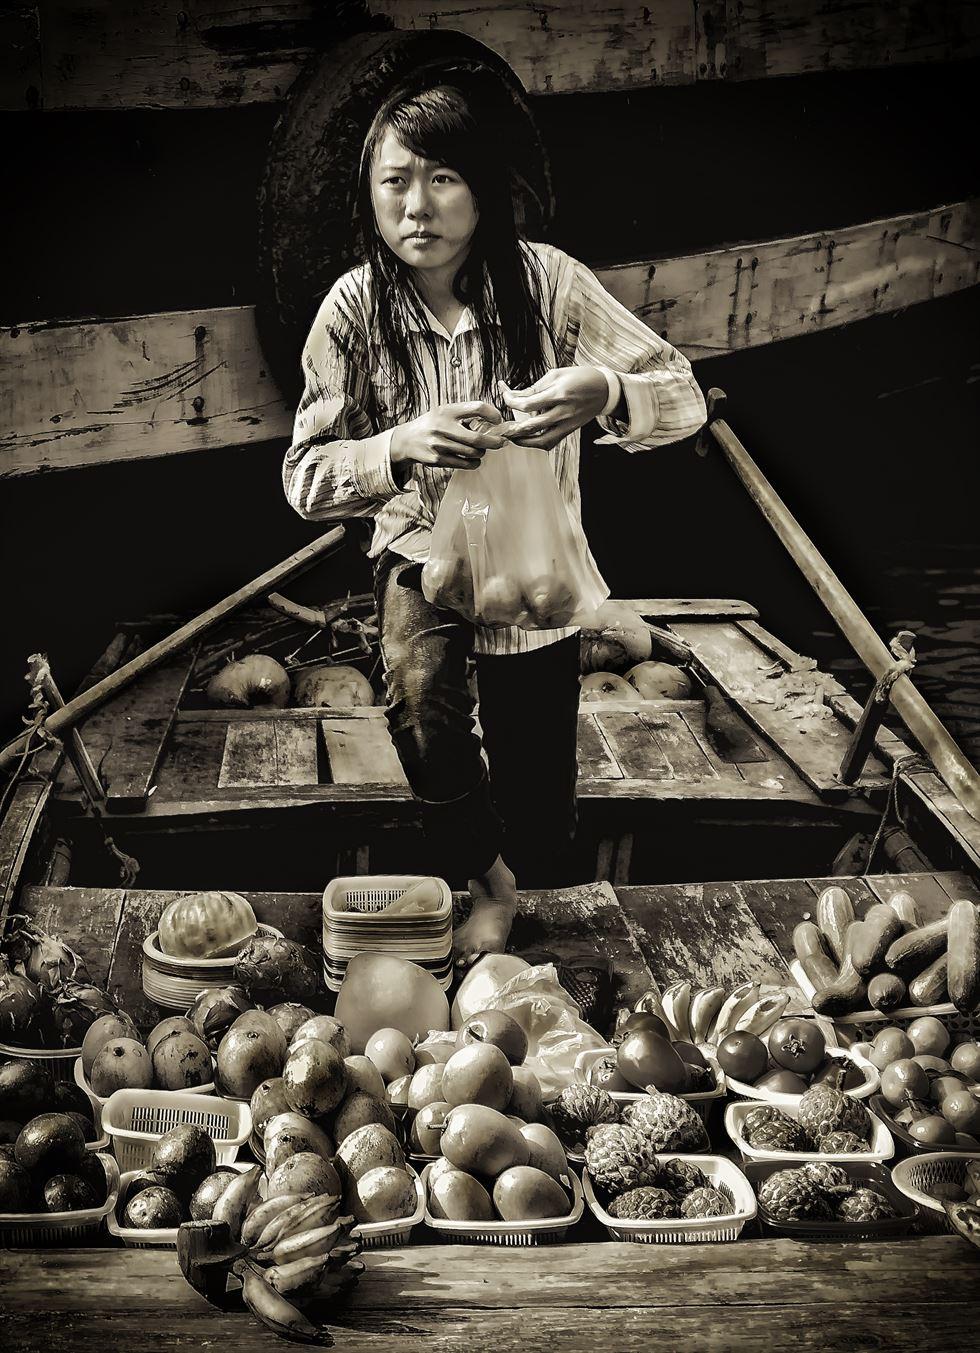 Jamsil. All photos by Tom Coyner